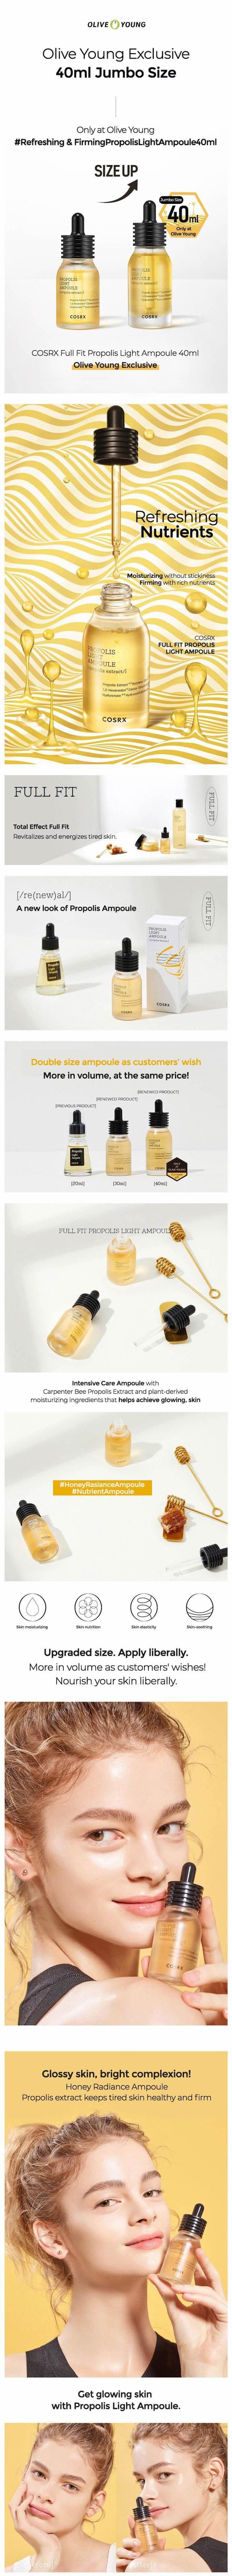 COSRX Full Fit Propolis Light Ampoule 40ml